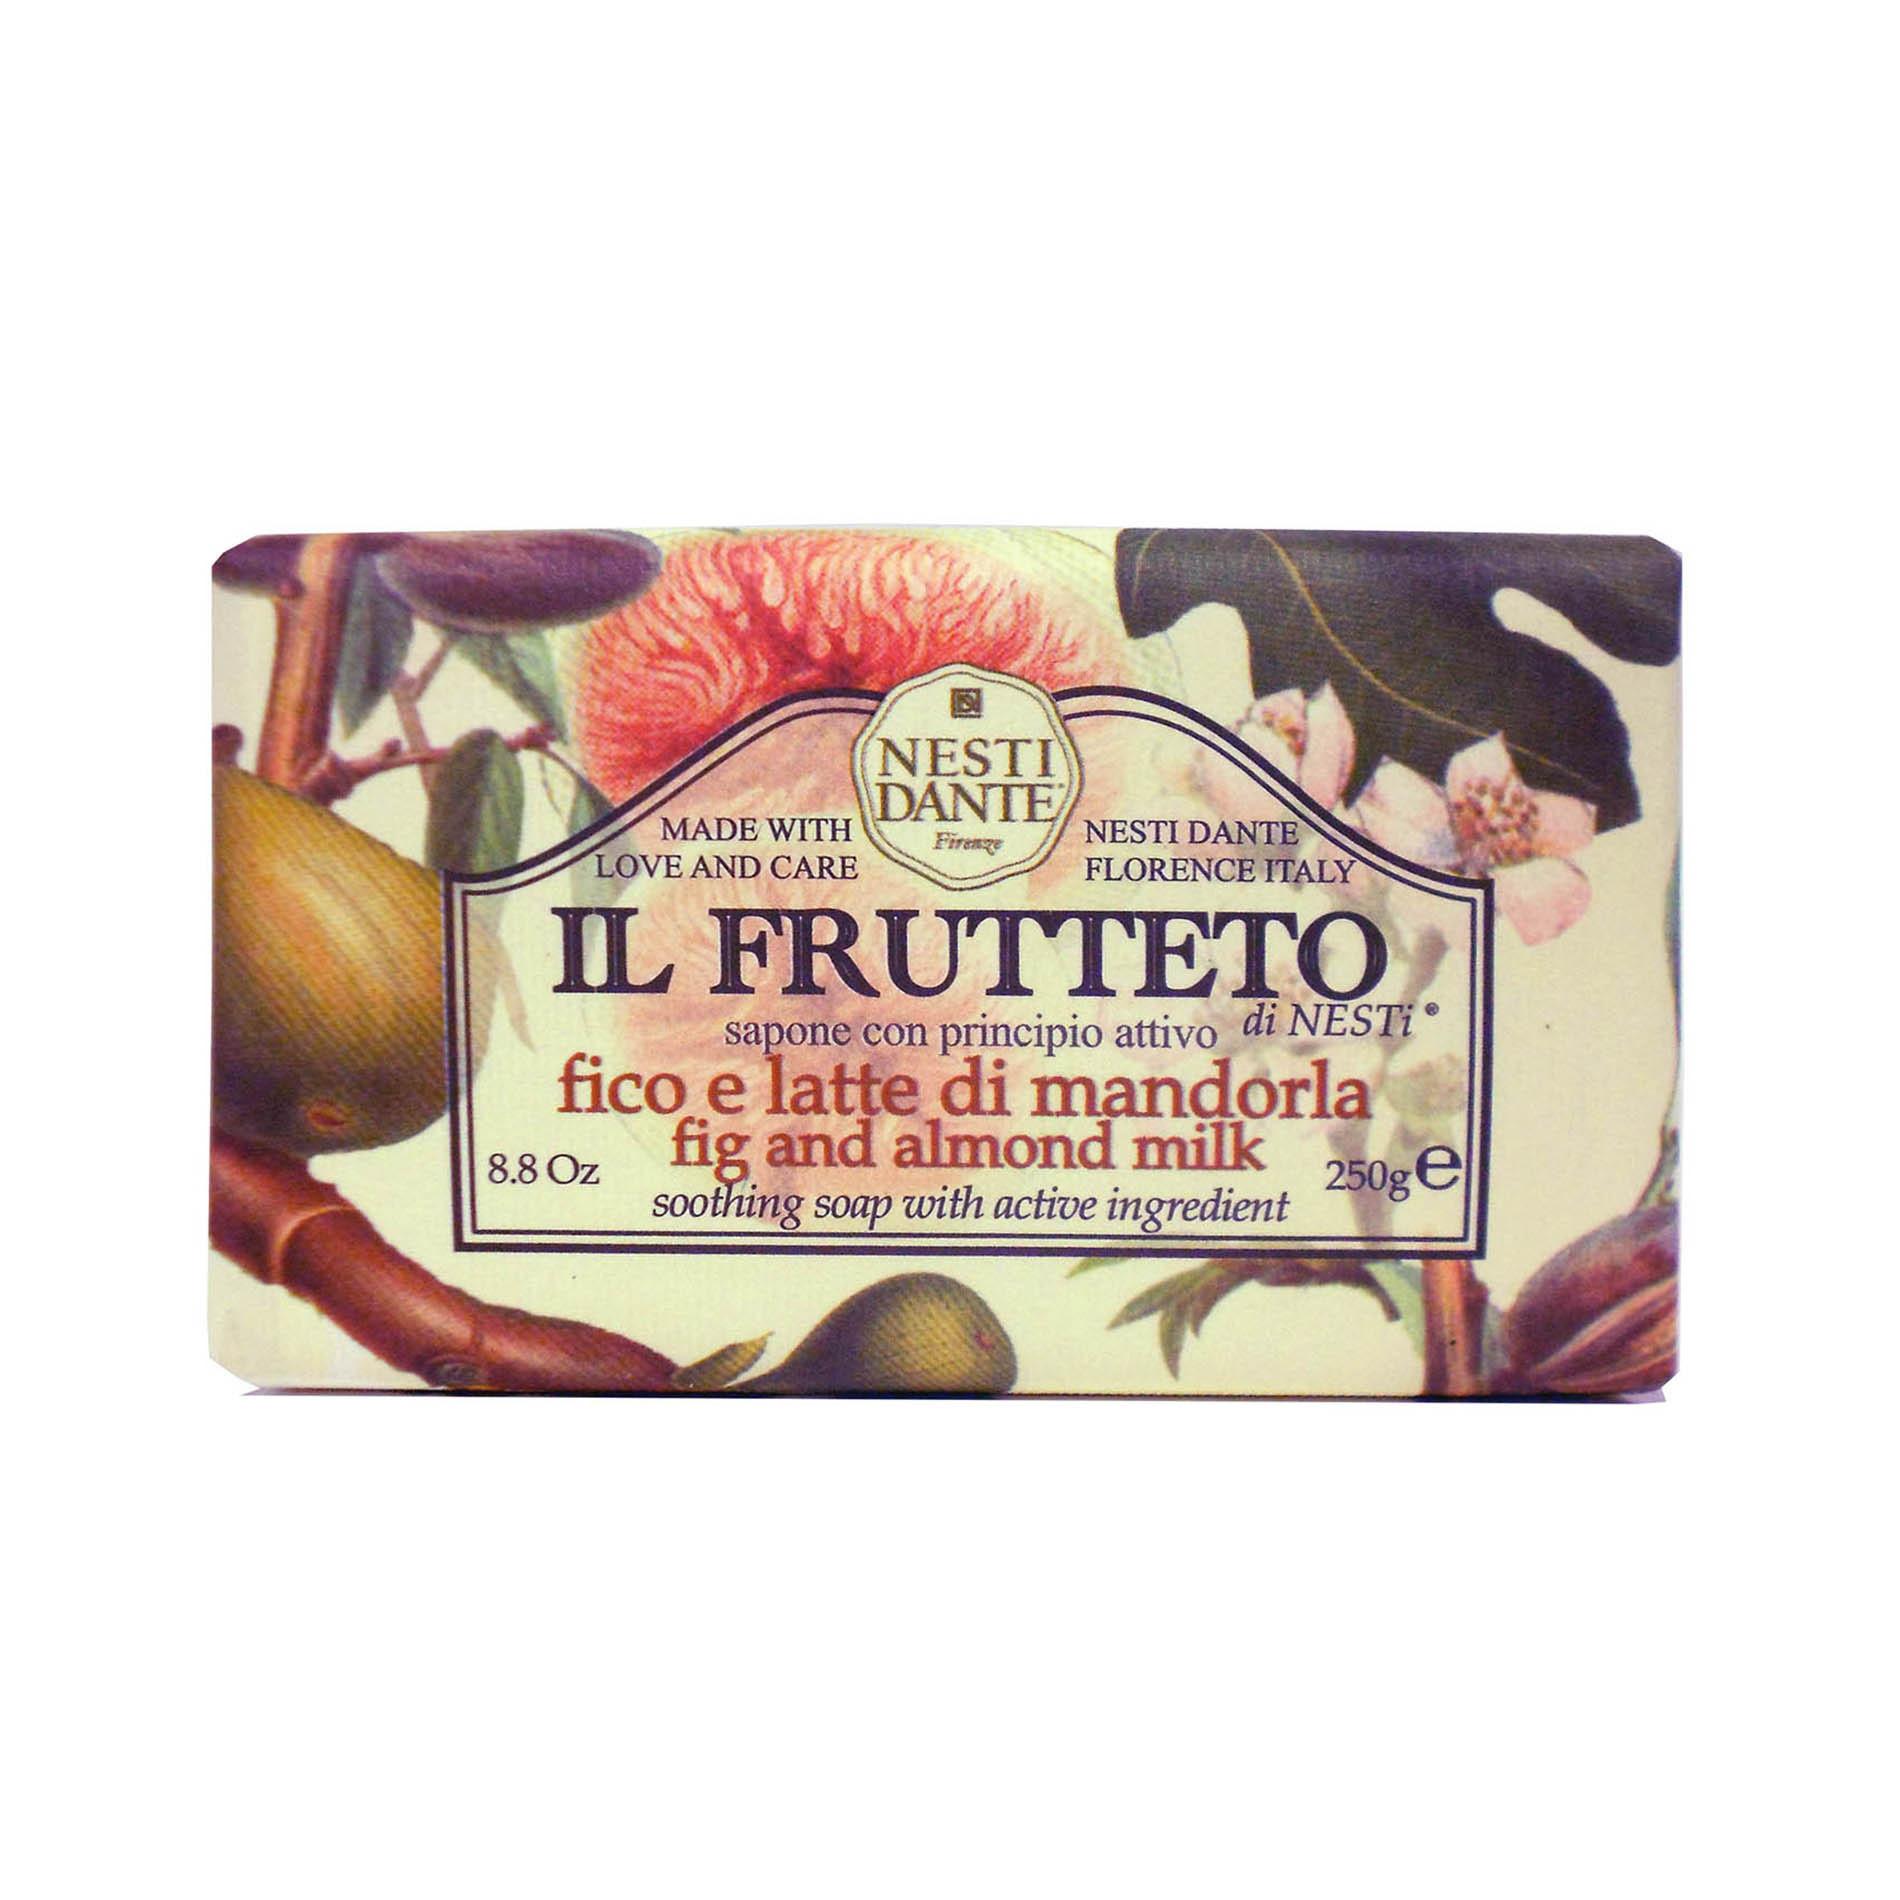 Il Frutteto - Fico E Latte Di Mandorla, Multicolor, large image number 0